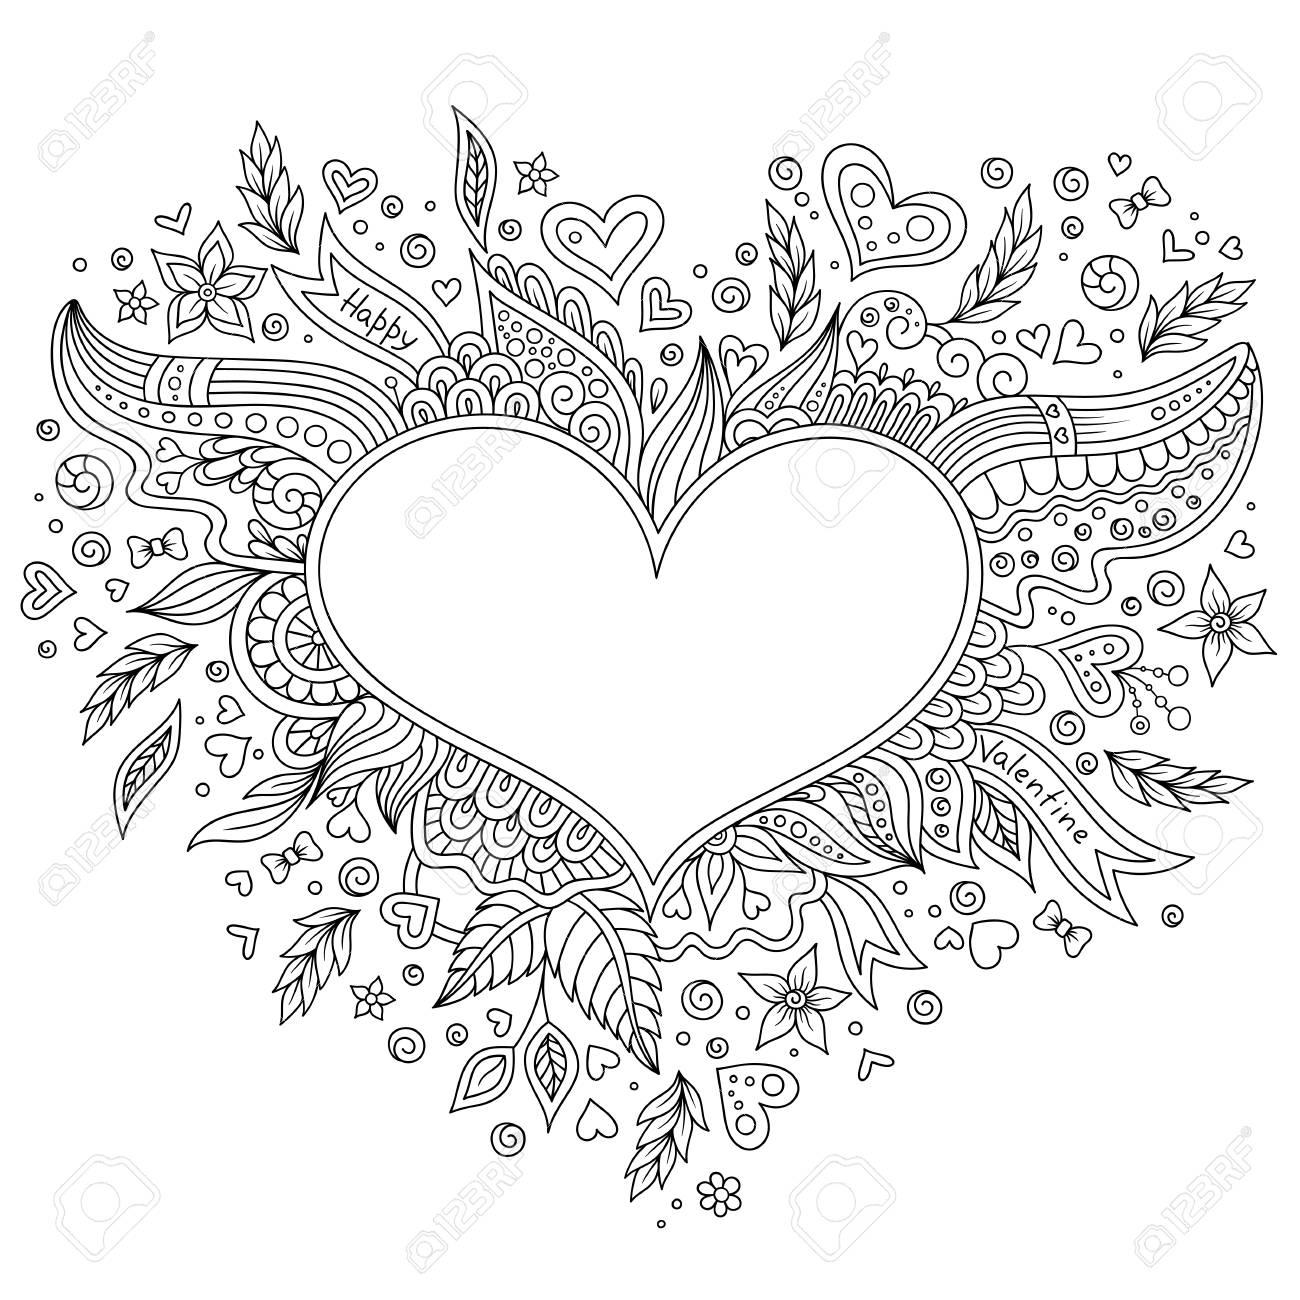 Coloriage Fleur Coeur De Jour De Saint Valentin Coloriage Avec Des Details Isole Sur Fond Blanc Clip Art Libres De Droits Vecteurs Et Illustration Image 51639955